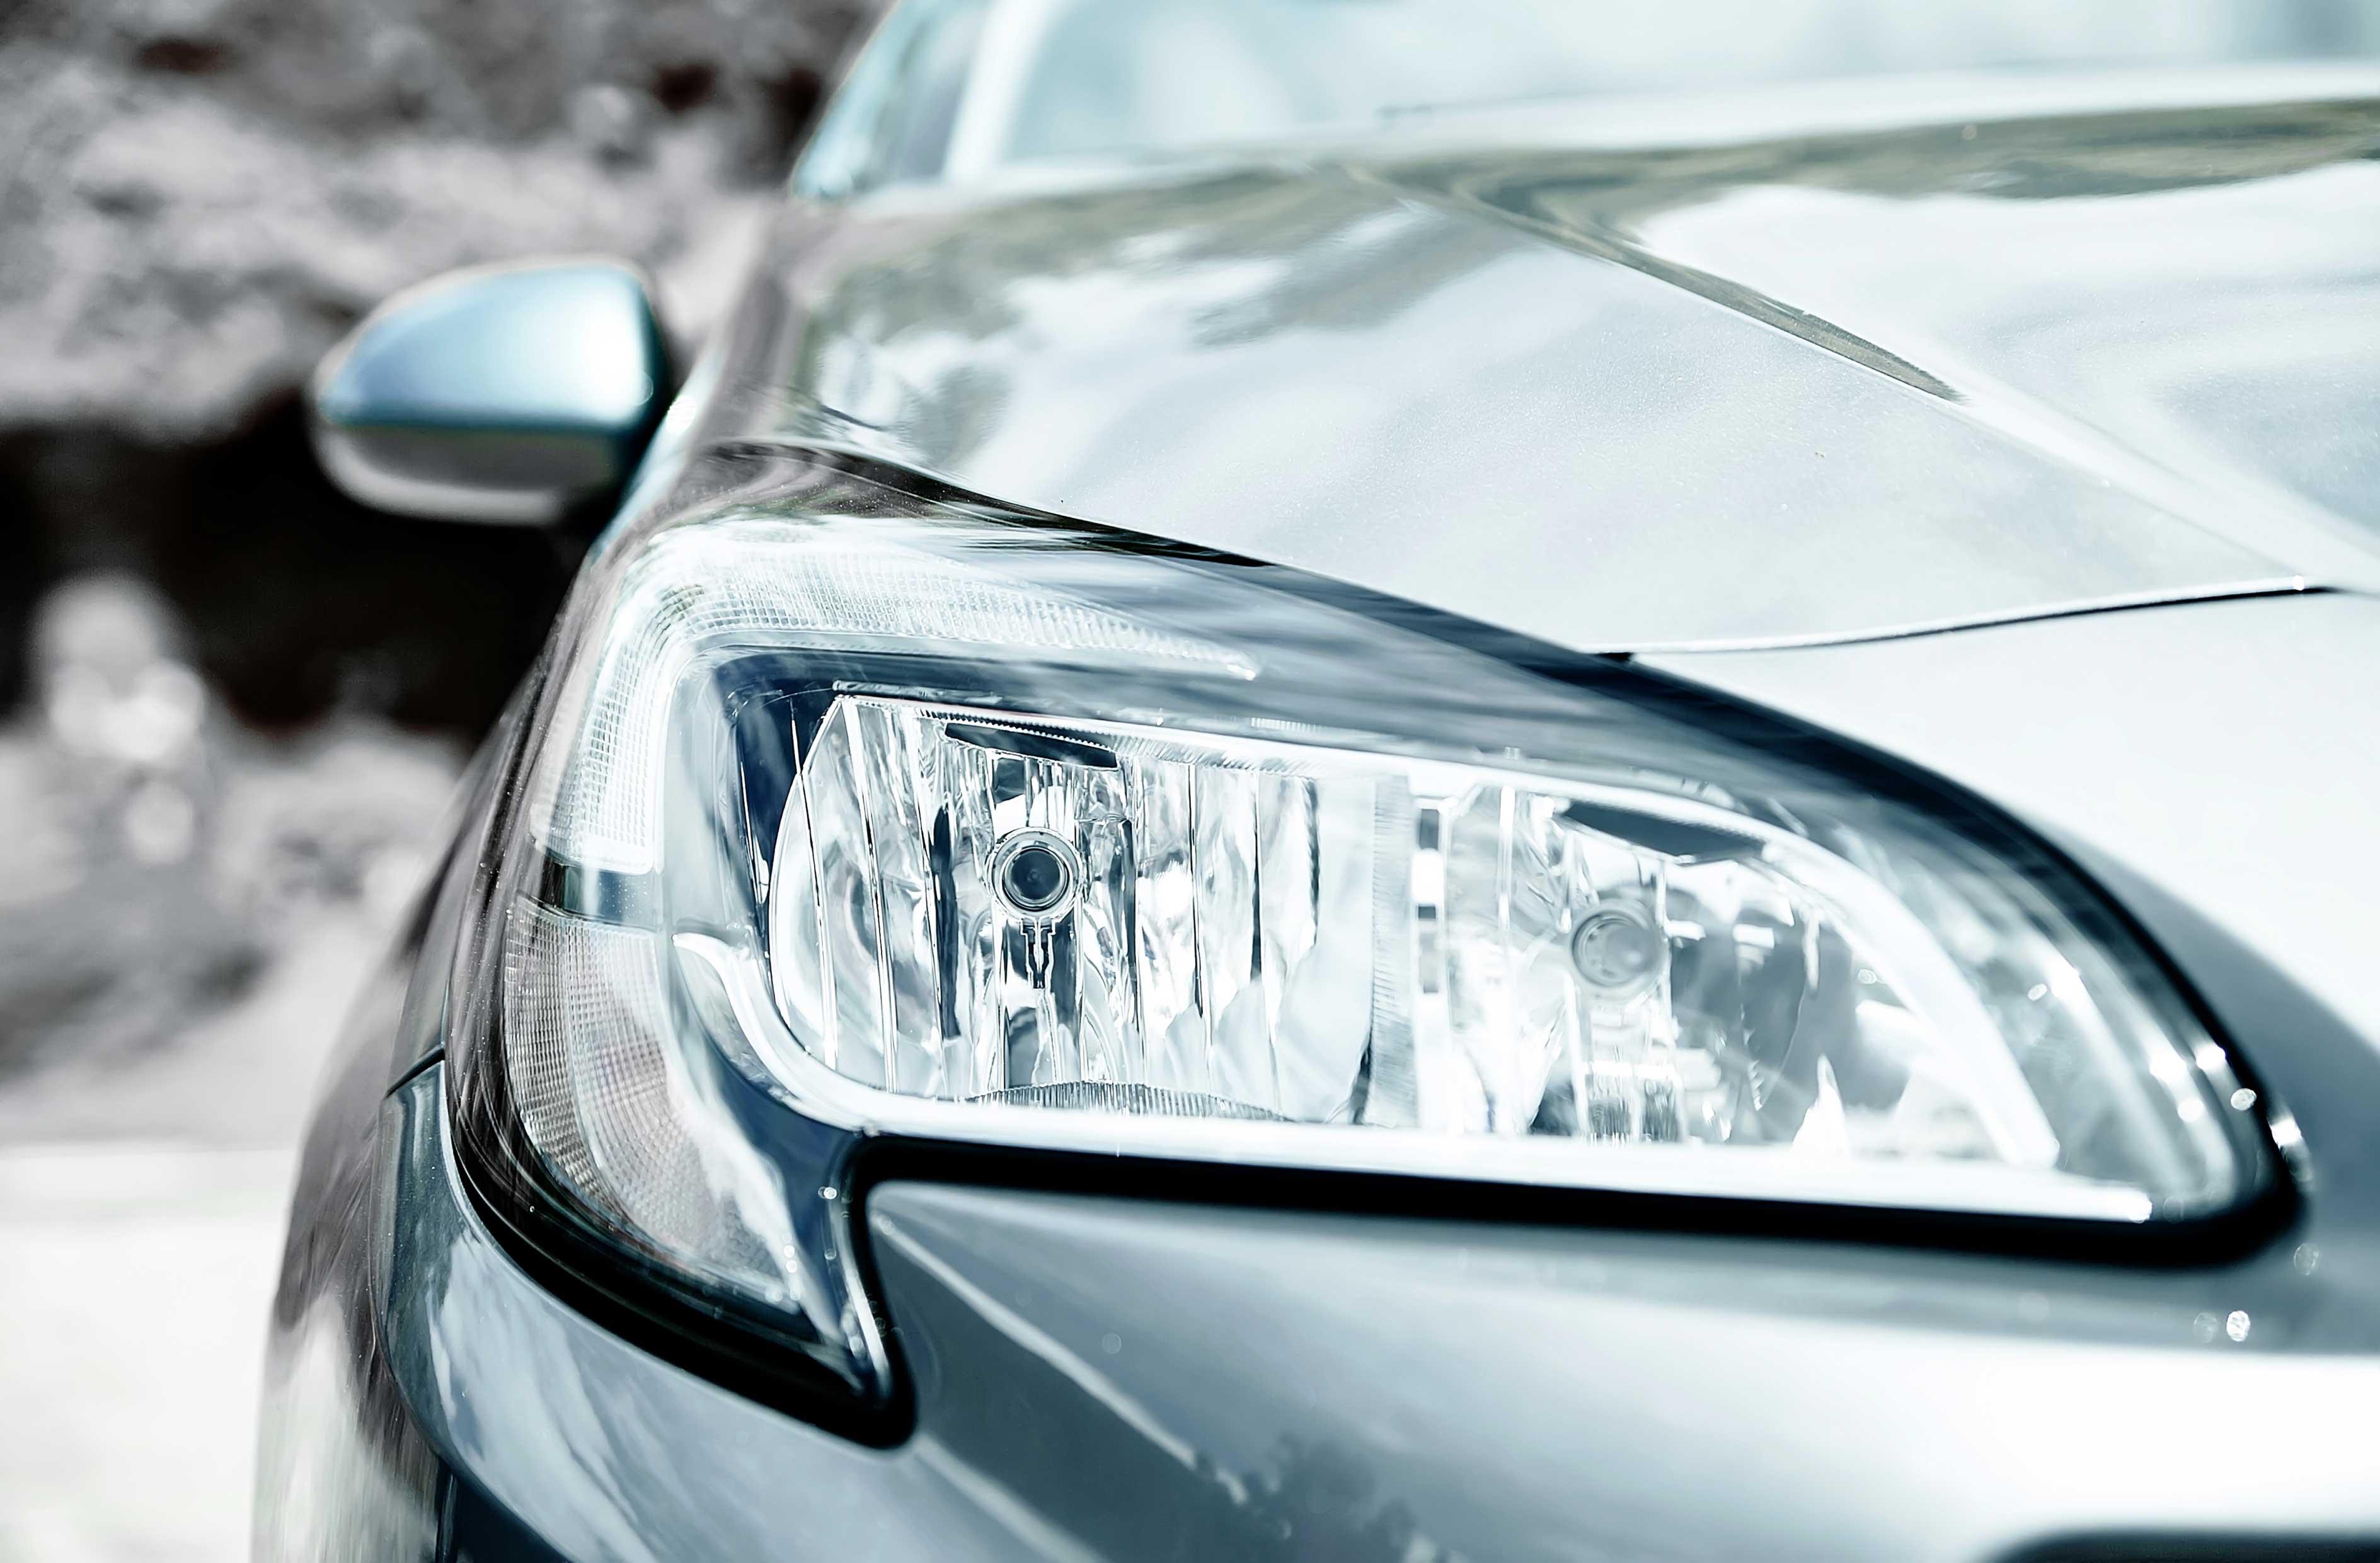 ¿Cómo pulir los faros del coche de forma casera?